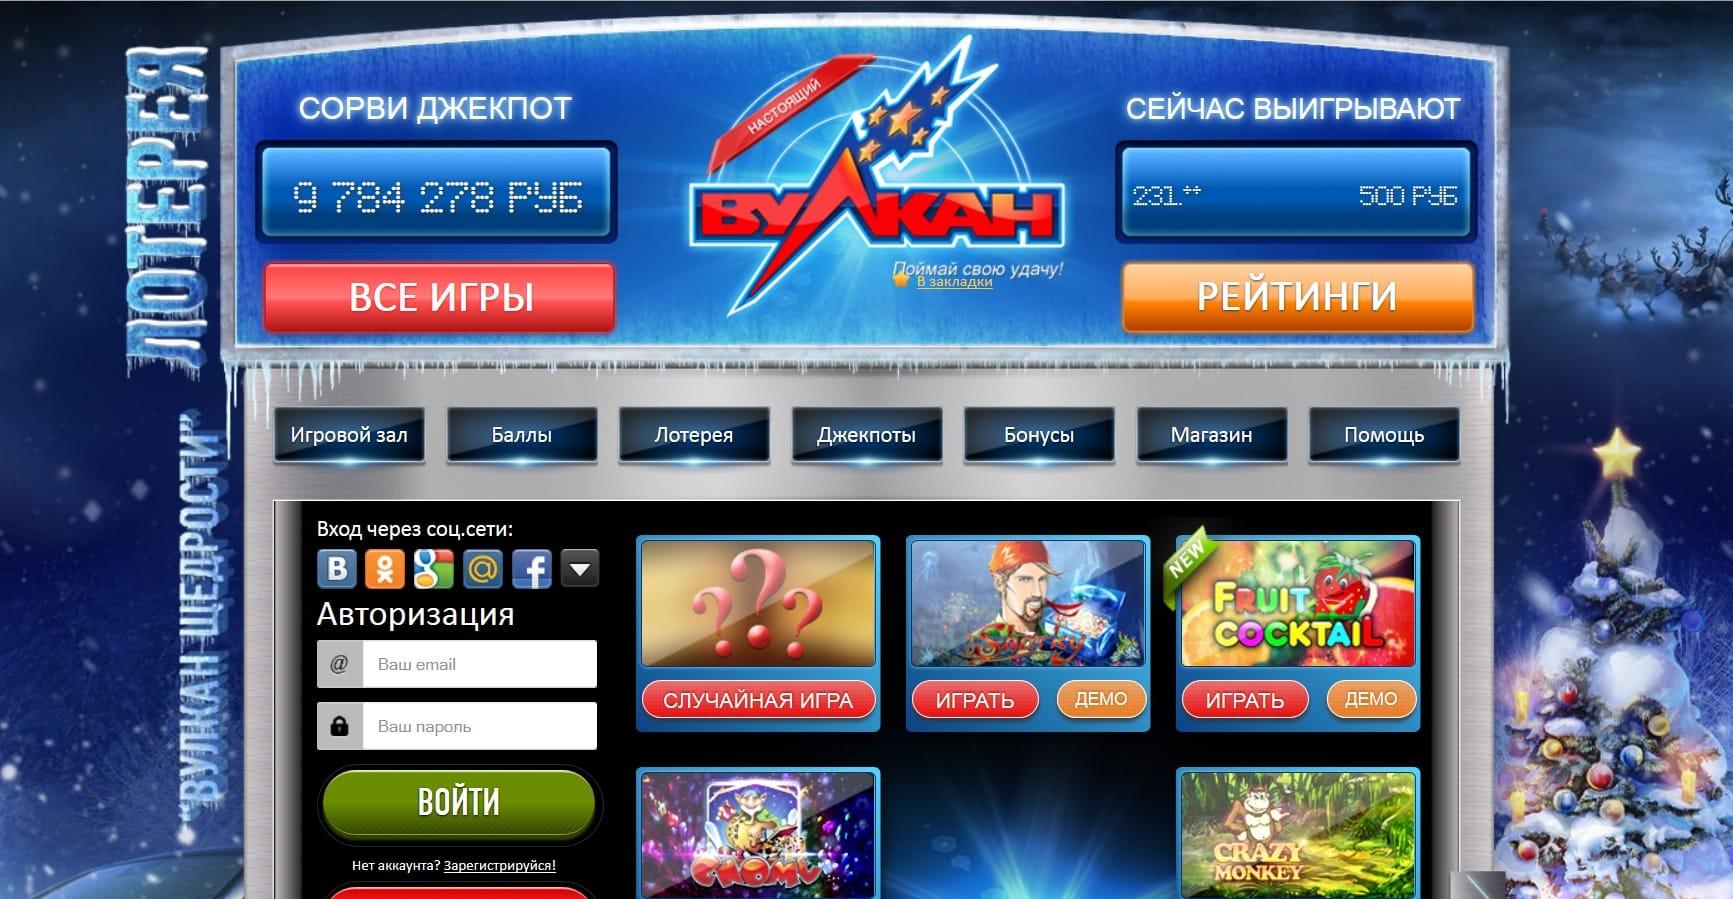 onlayn-kazino-vulkan-demo-igri